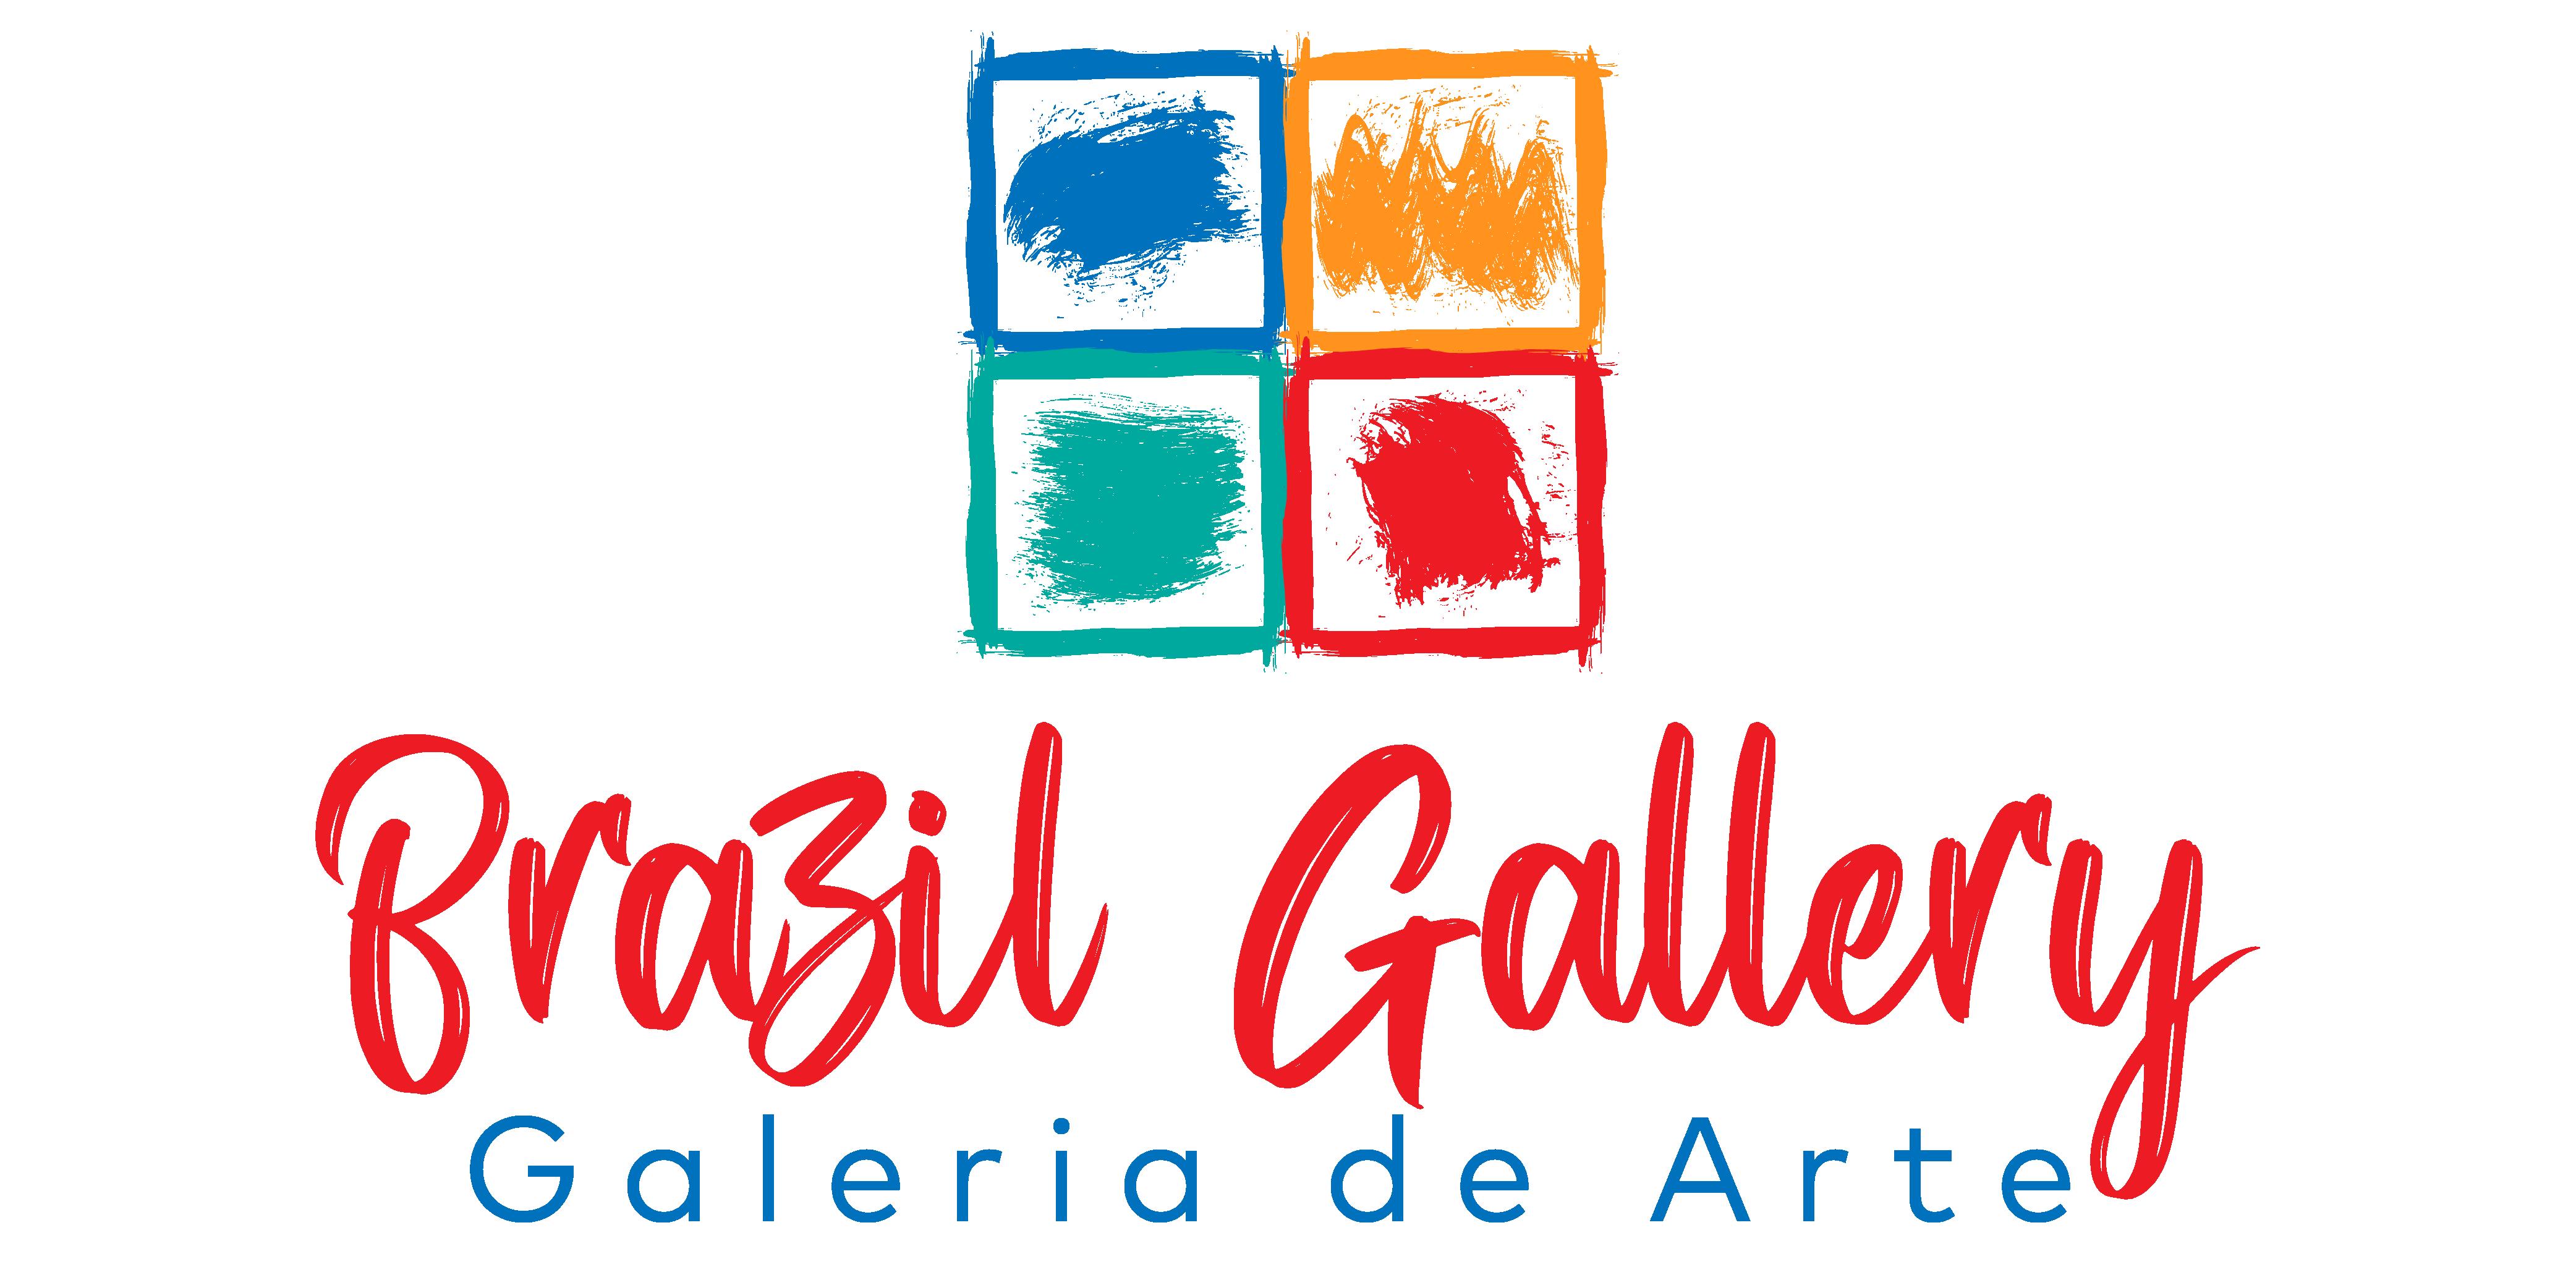 Arte, Um Investimento Prazeroso!!! Brazil Gallery Art